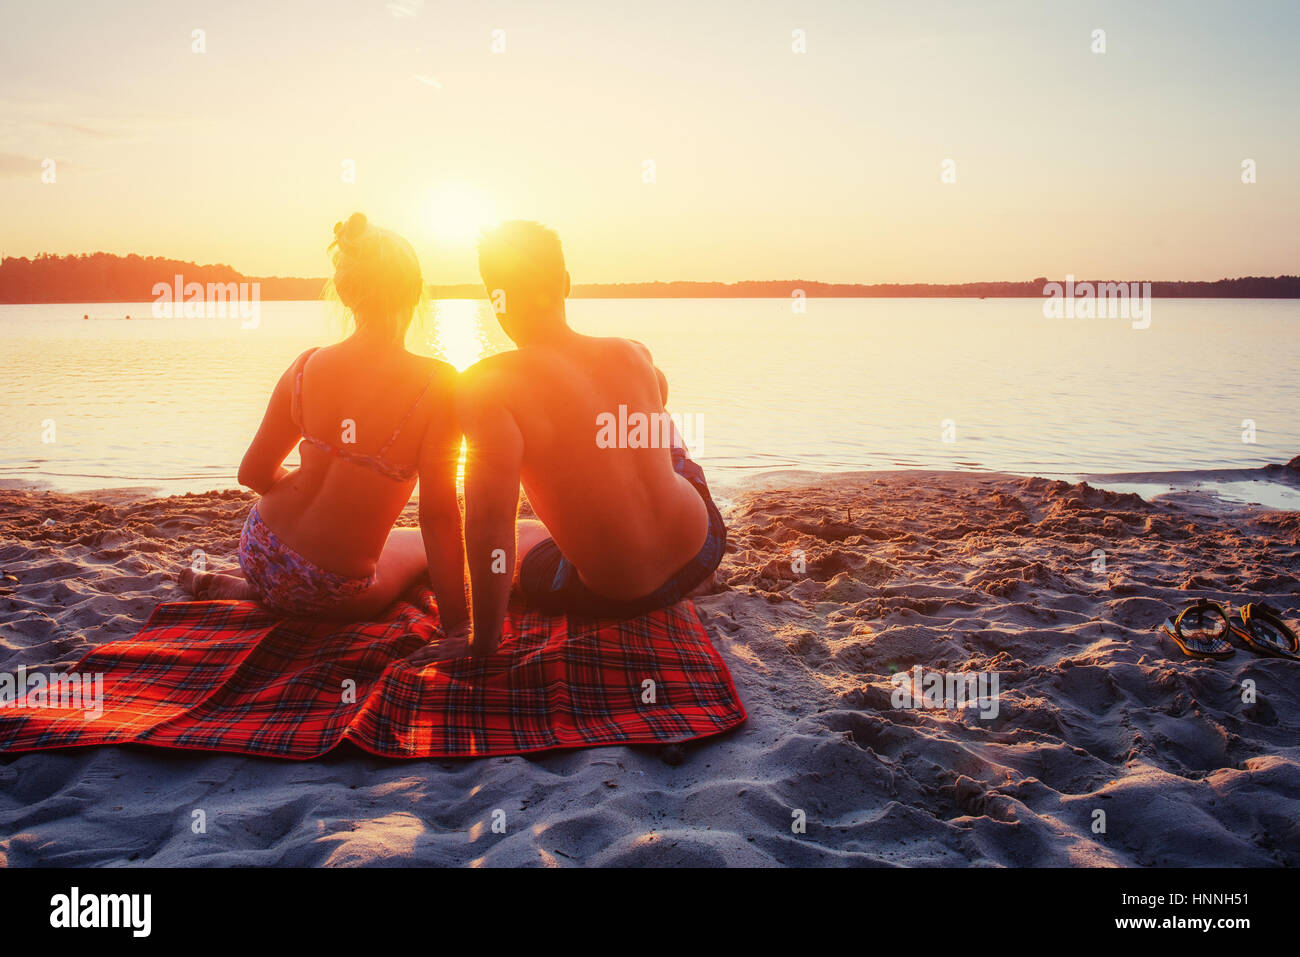 Romantisch zu zweit am Strand von farbenprächtigen Sonnenuntergang Stockbild